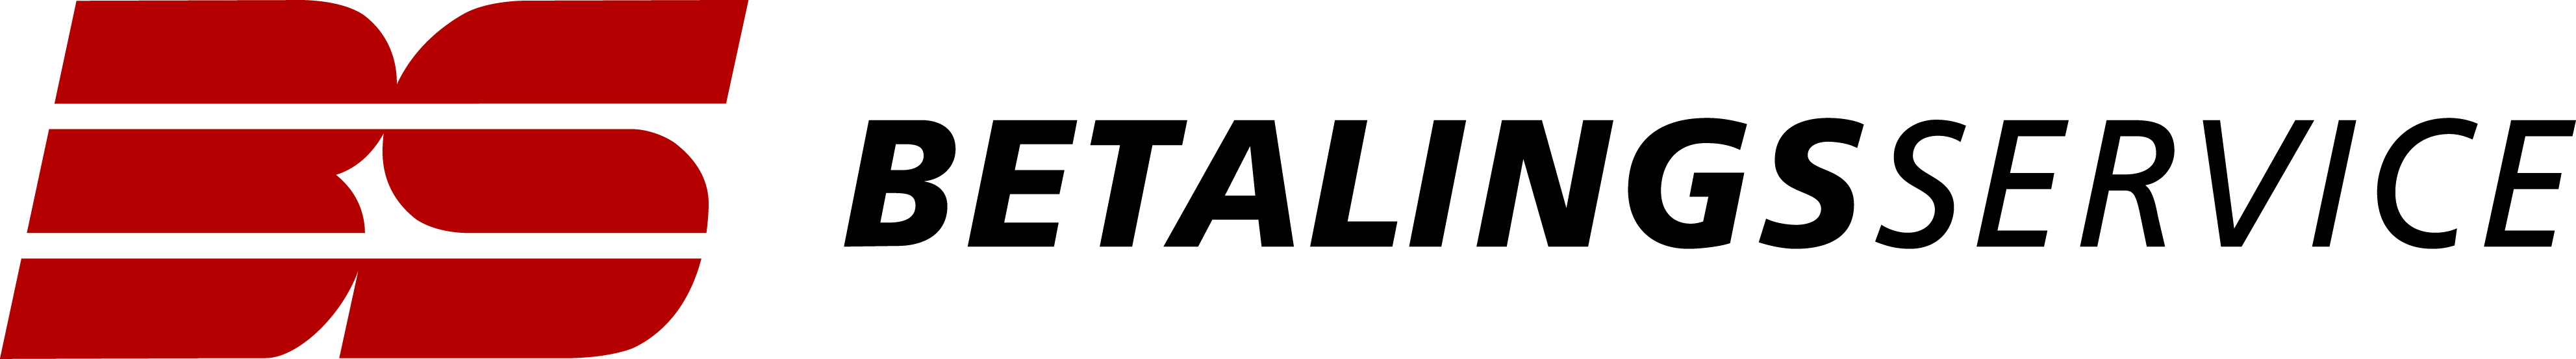 Betalingsservice logo